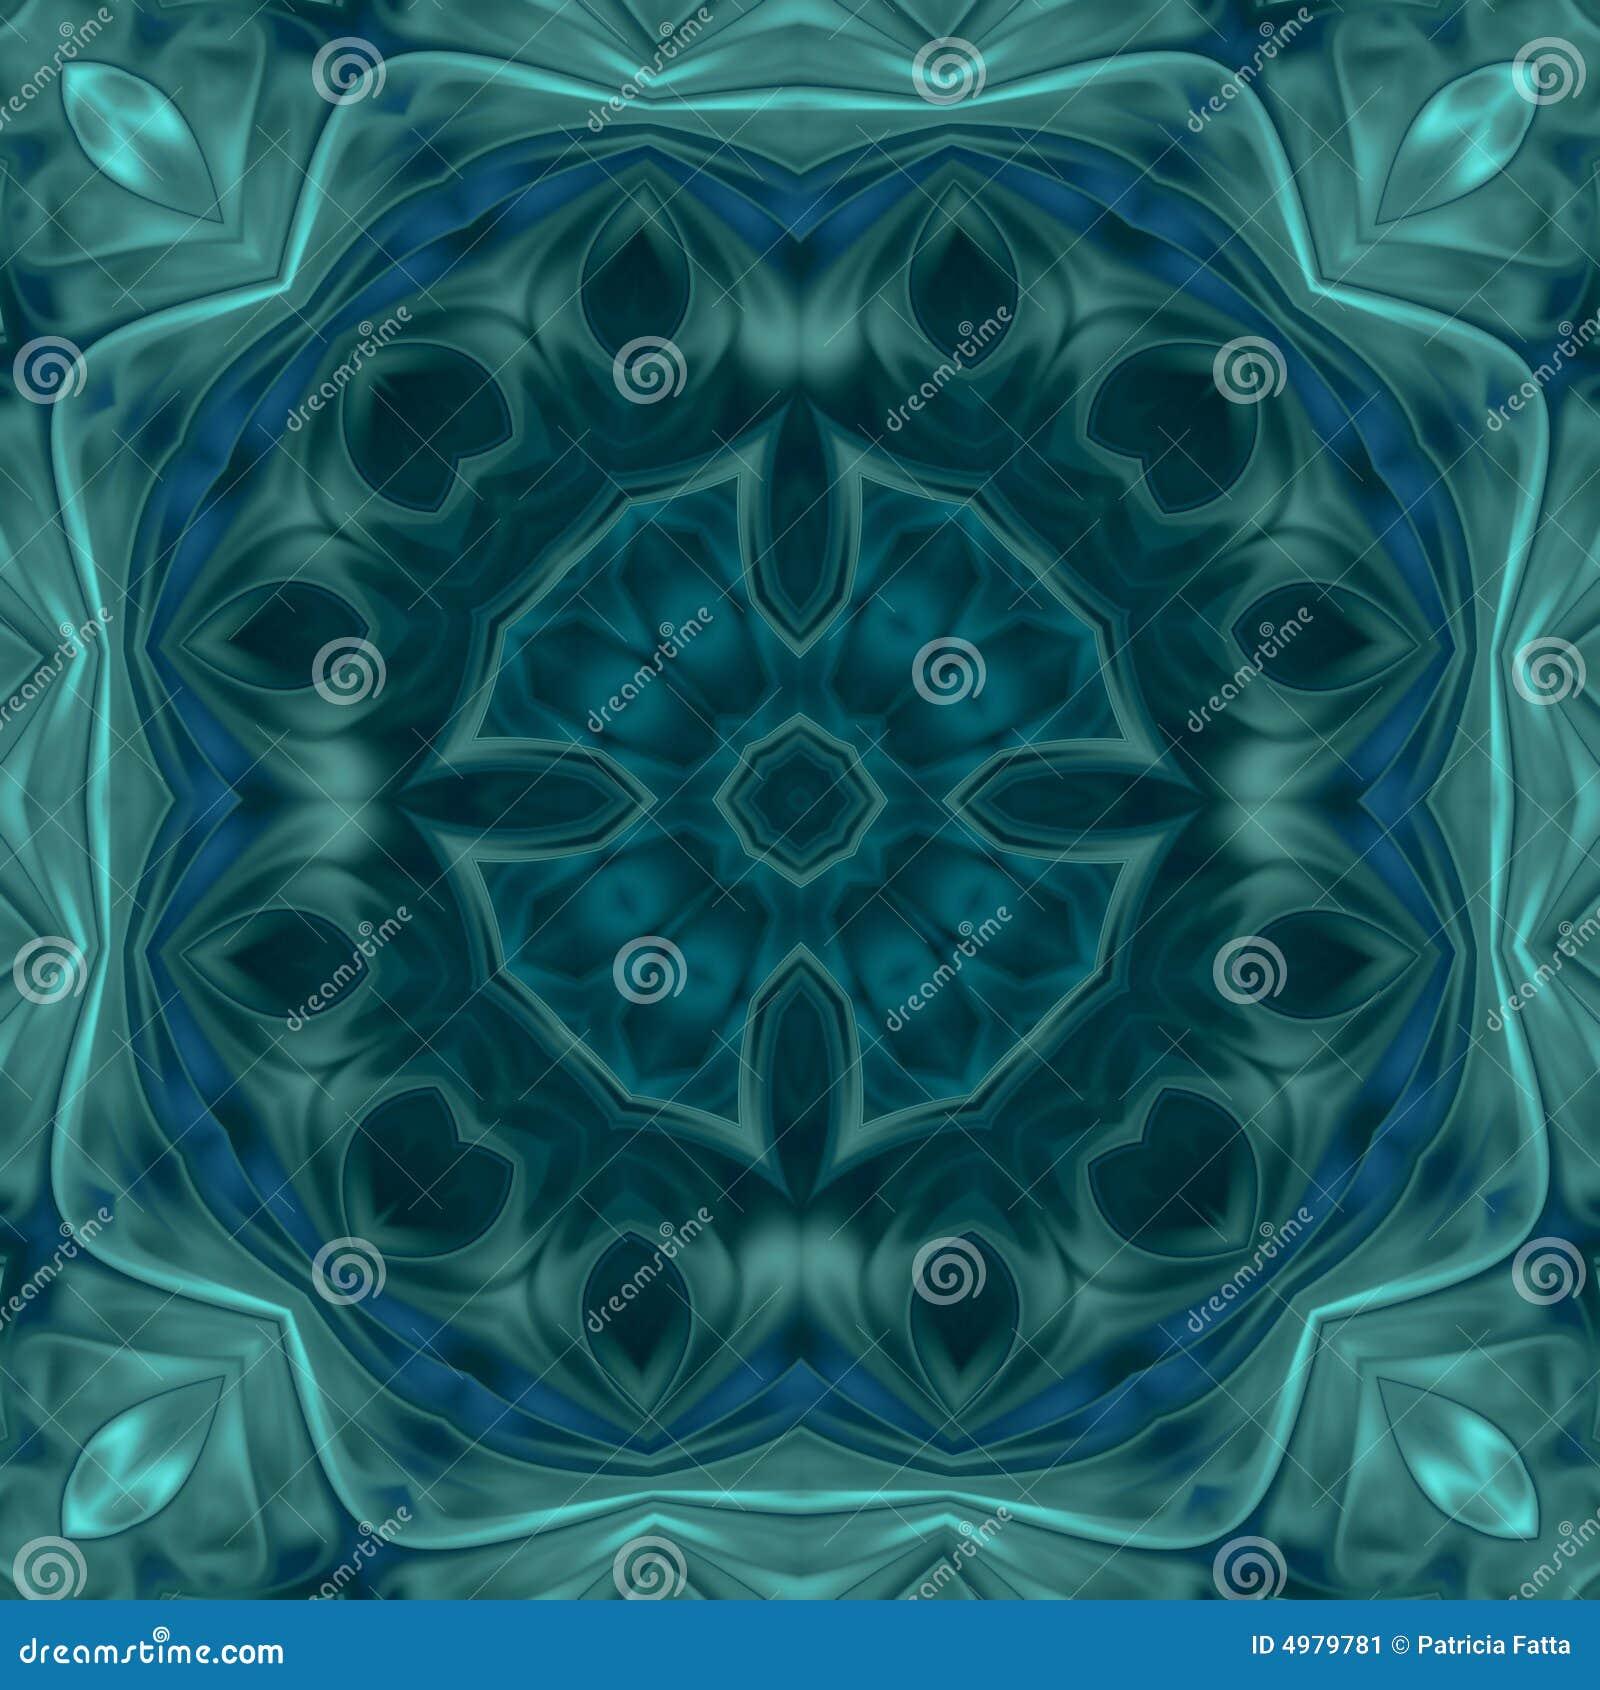 Carta da parati del medaglione di verde di mare immagine for Carta da parati 3d mare